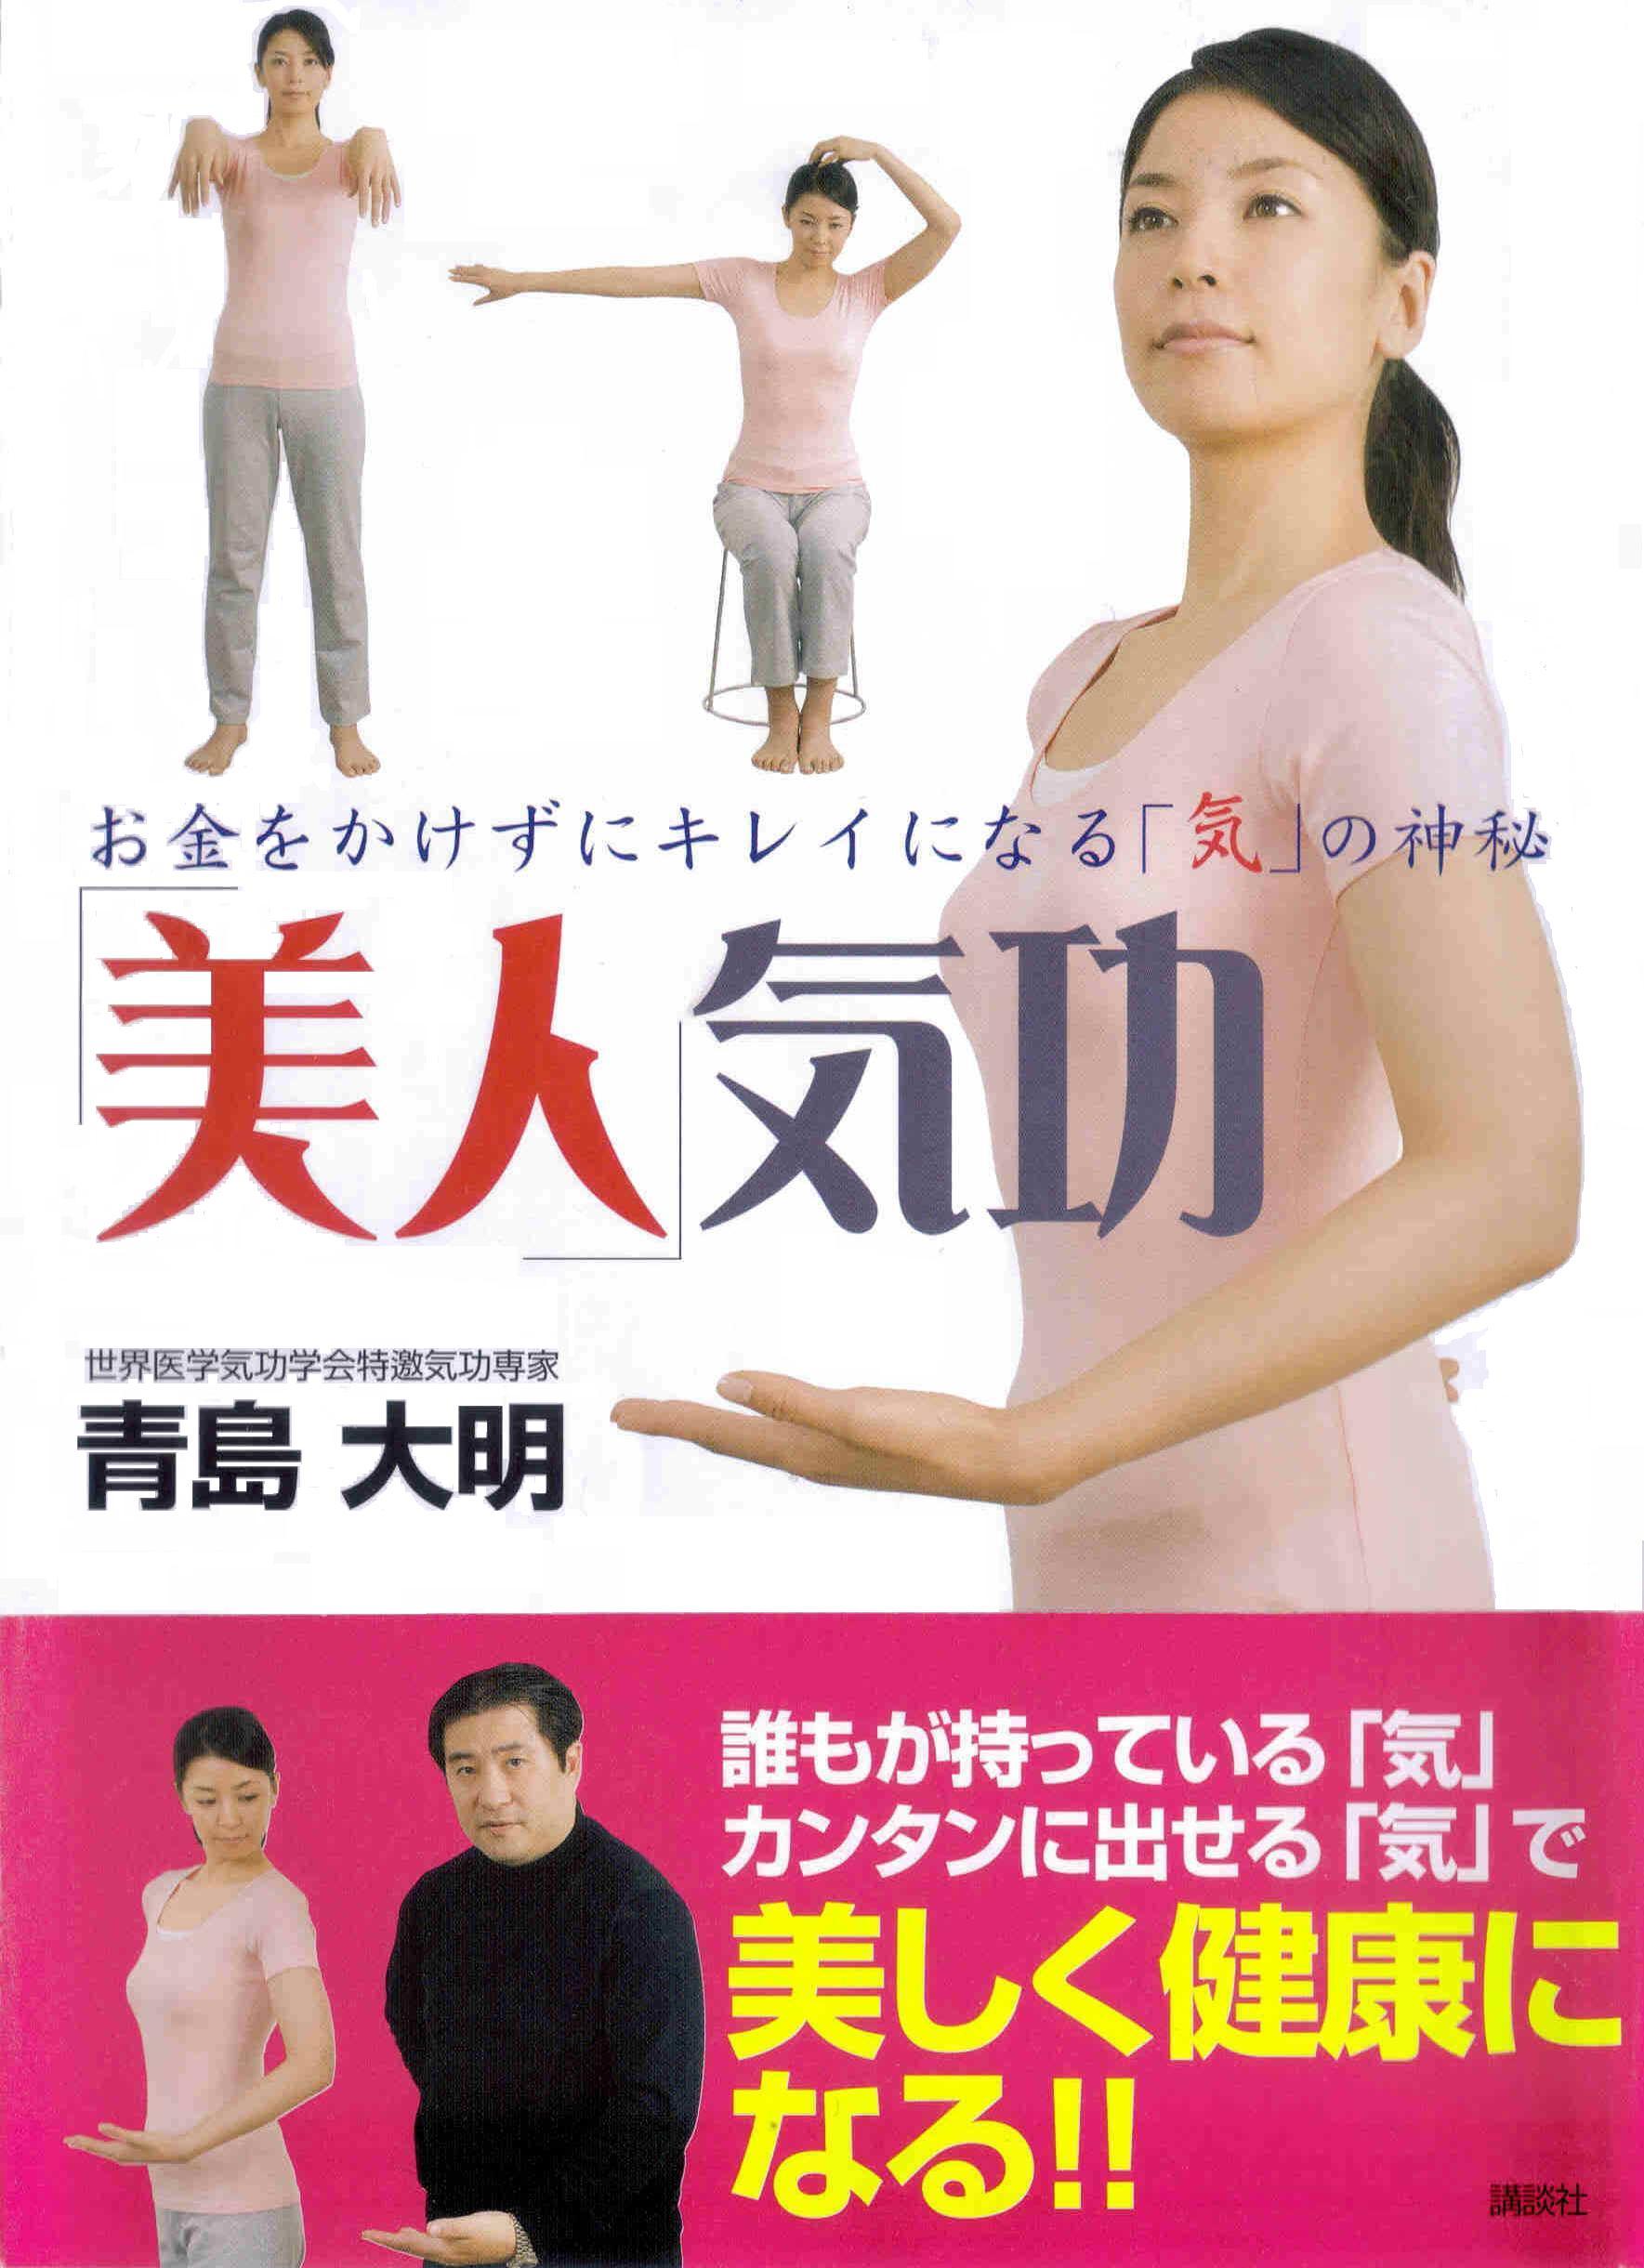 青島大明著 『「美人」気功』